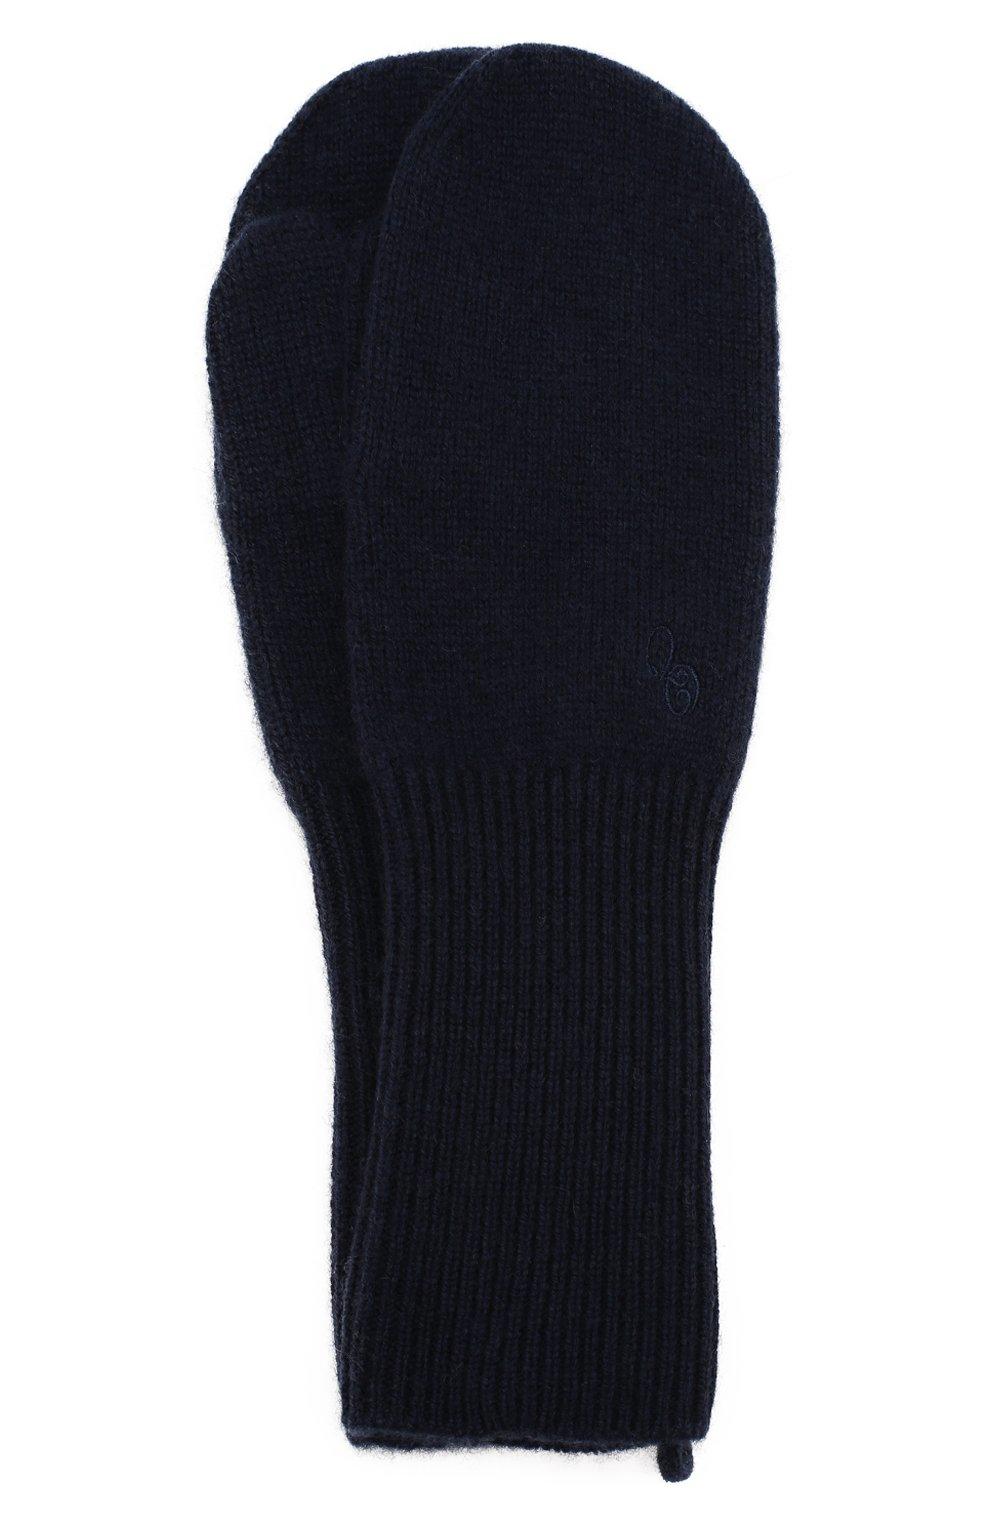 Детские кашемировые варежки OSCAR ET VALENTINE синего цвета, арт. MOU01 with thumb   Фото 1 (Материал: Кашемир, Шерсть)